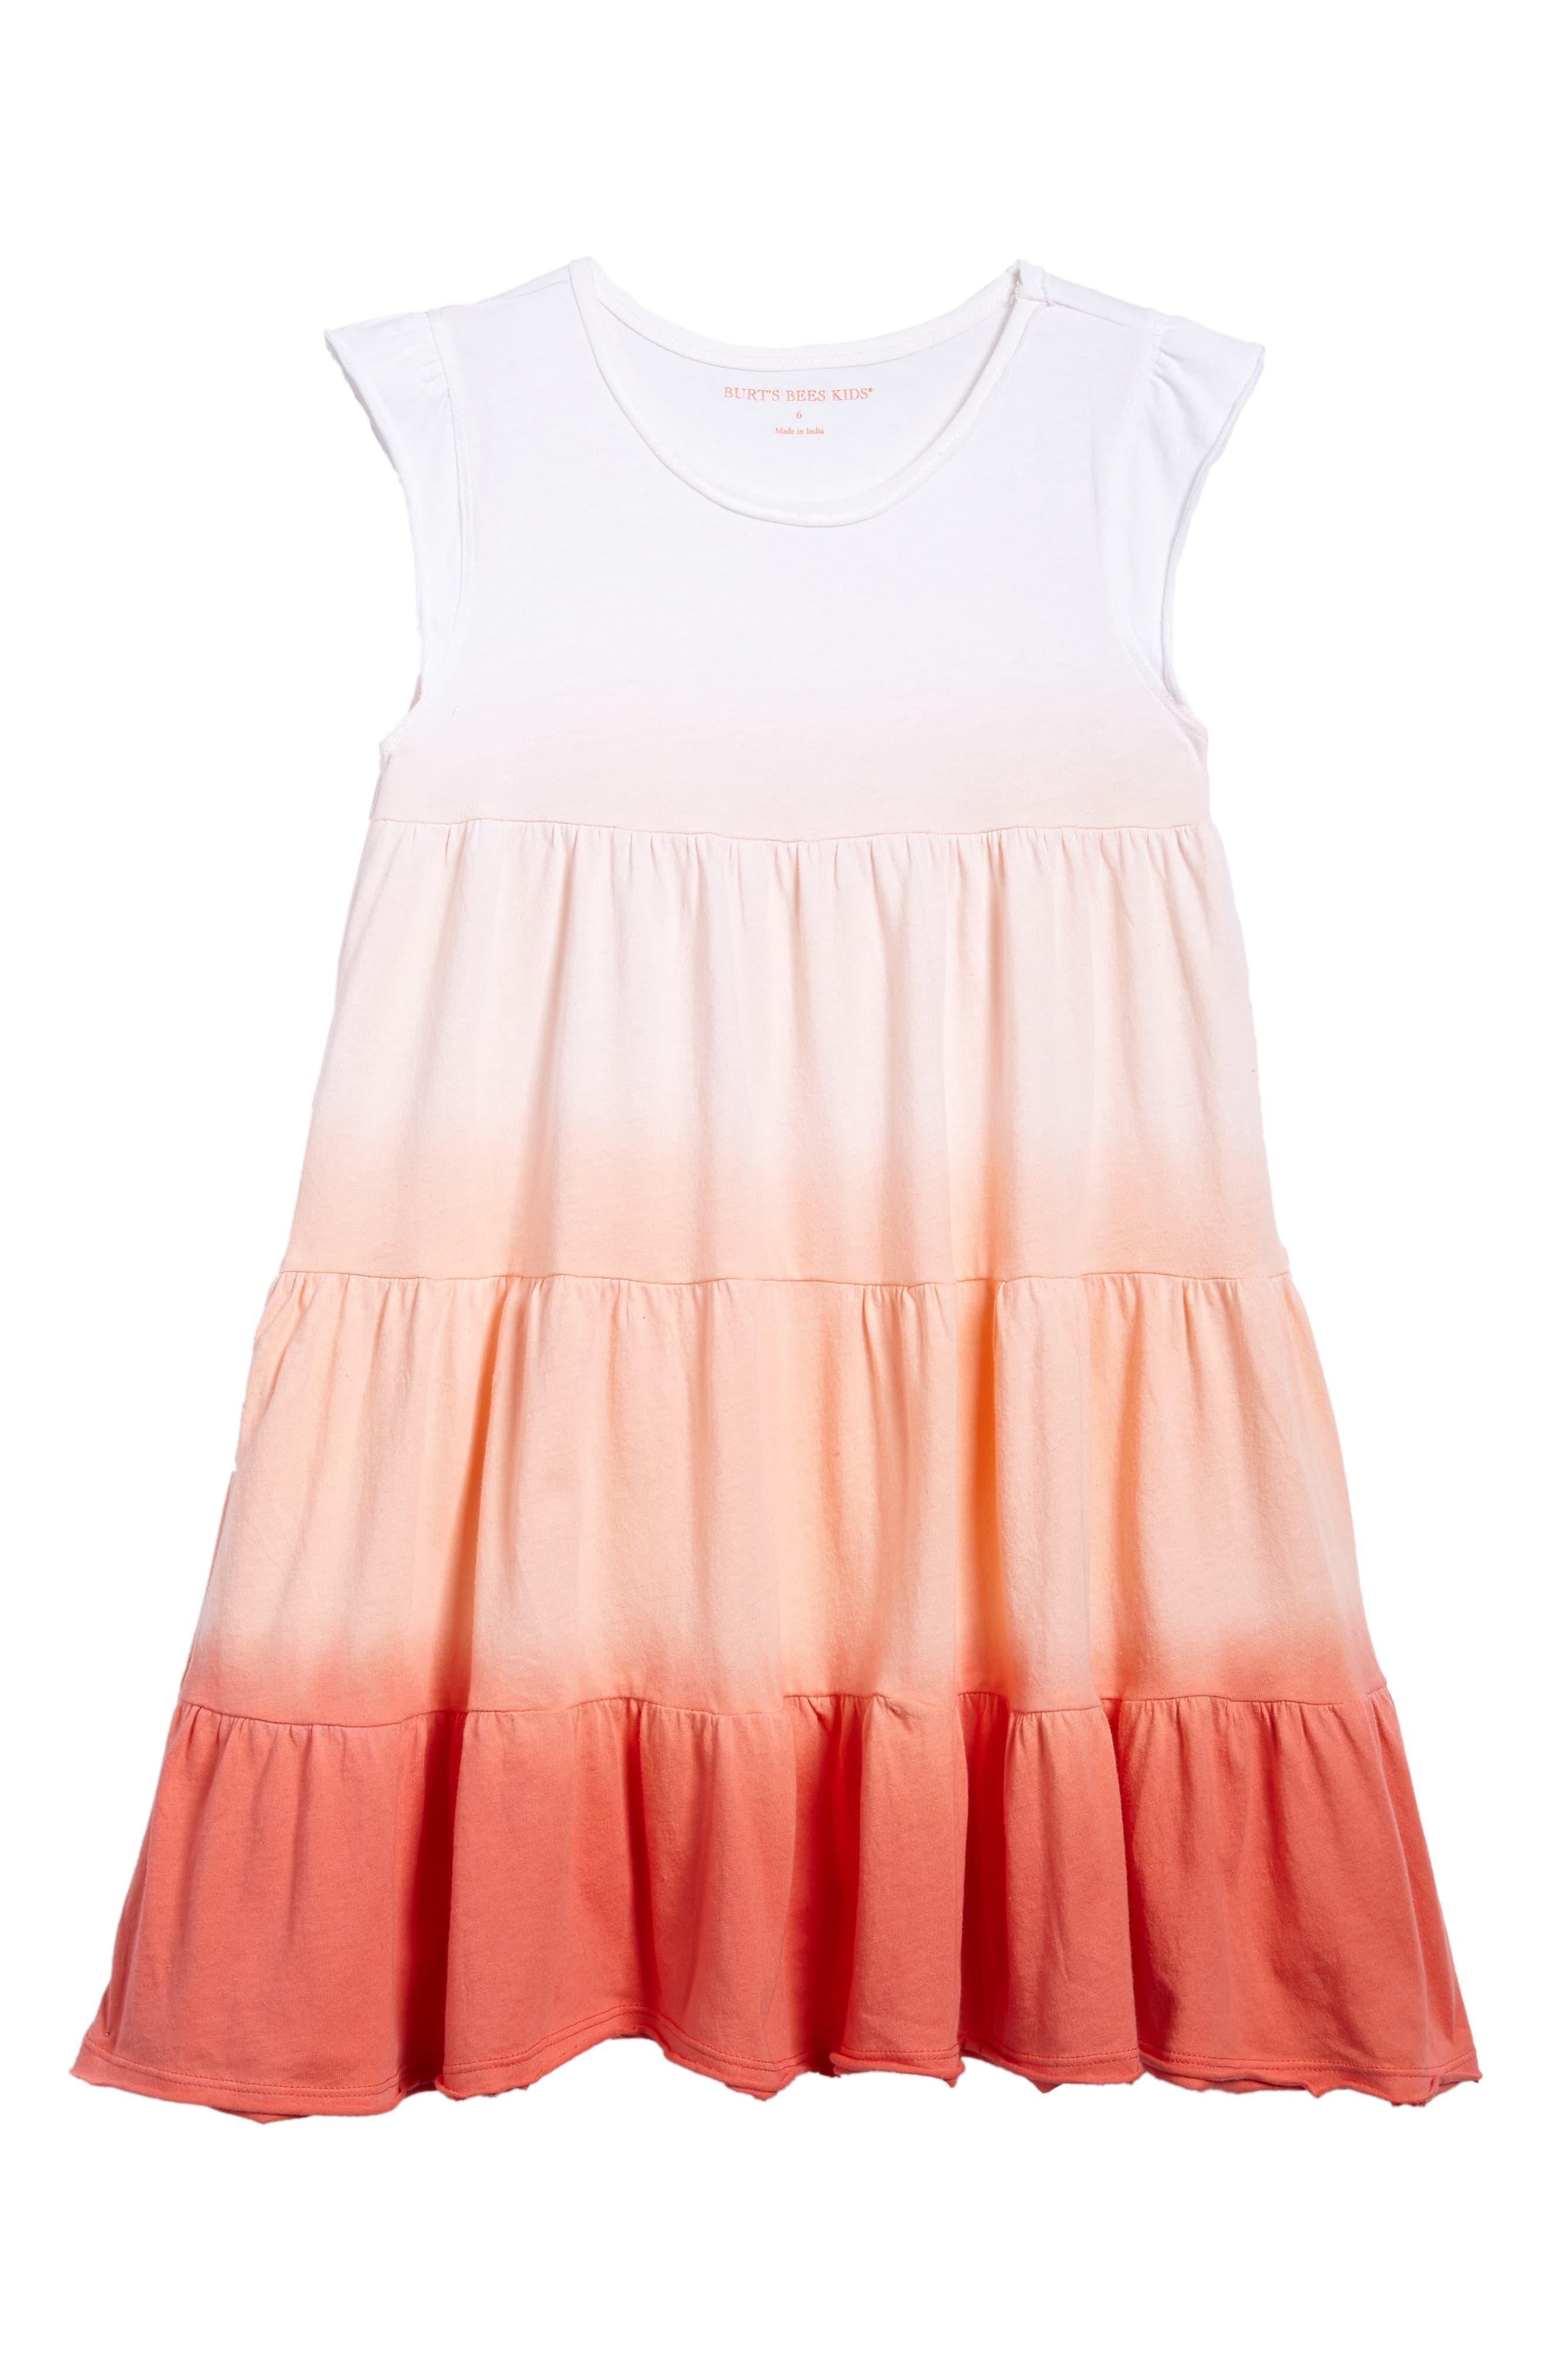 Main Image - Burt's Bees Baby Dip Dye Organic Cotton Dress (Toddler Girls & Little Girls)